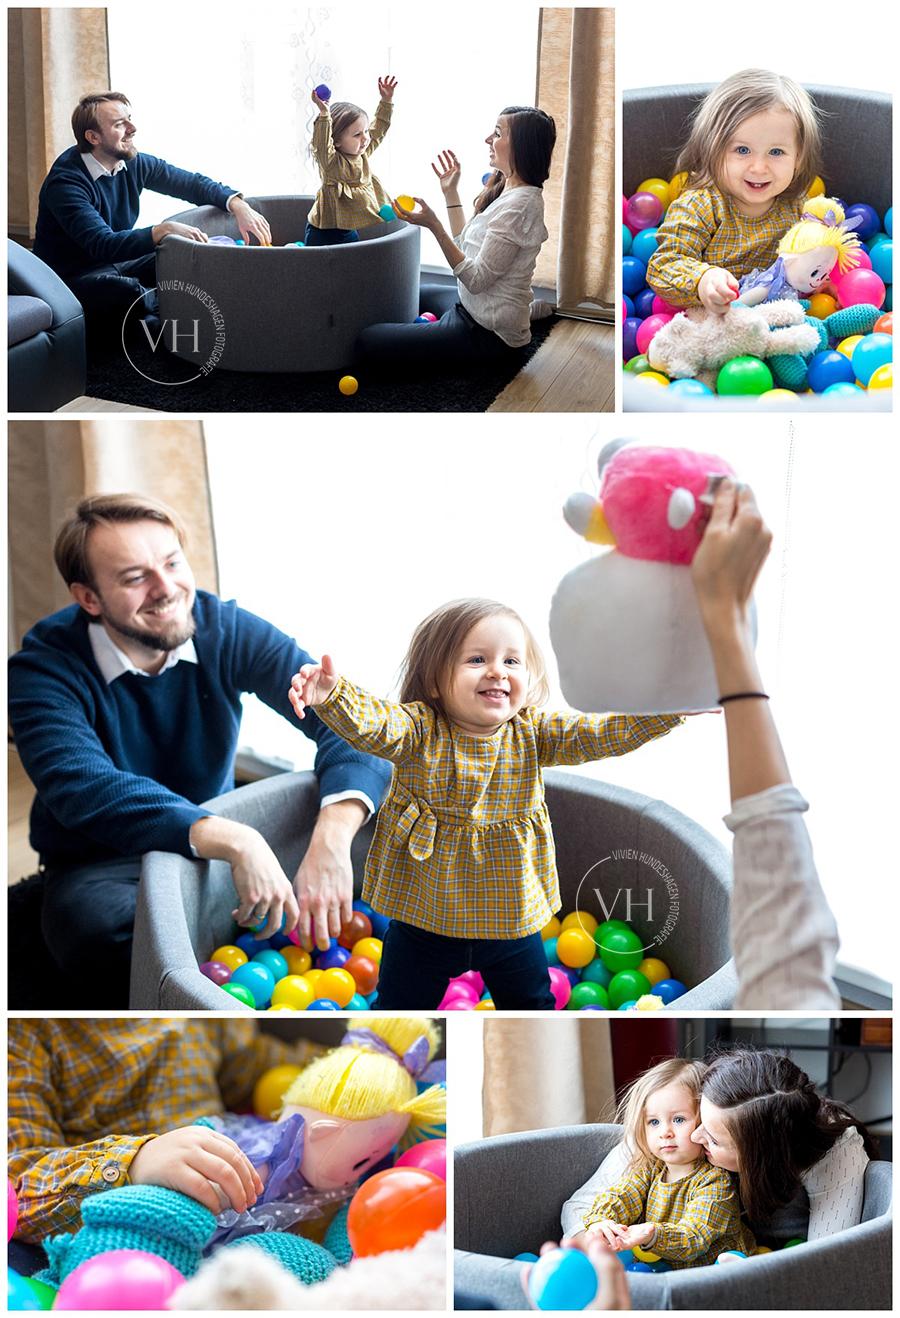 Familienfoto_Braunschweig_hannover_Wolfsburg_Homestory_Lifestyle_Wolfenbüttel_MutterKind_Fotoshooting_natürlich13